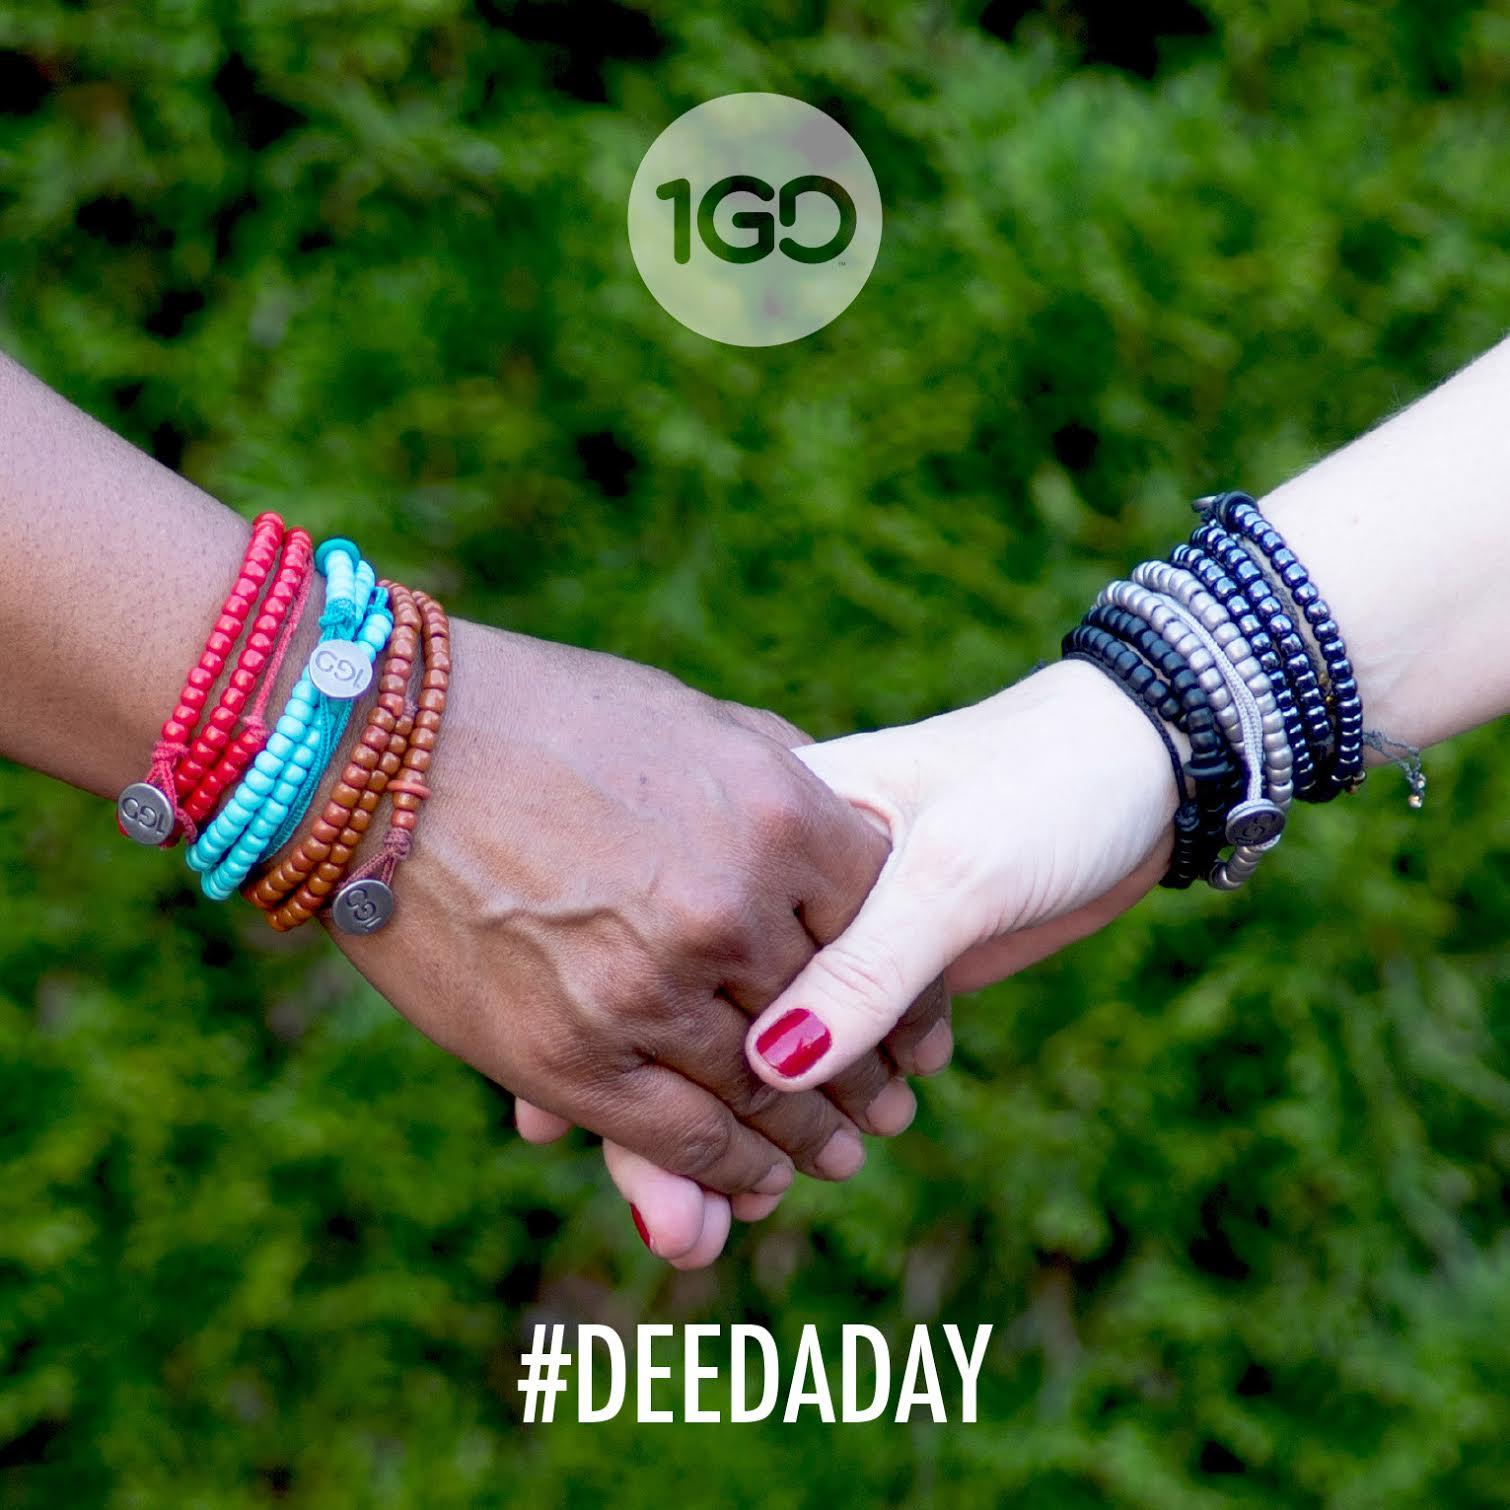 Actos Espontáneos de Amabilidad – The #DeedADay / 100 Good Deeds Movement